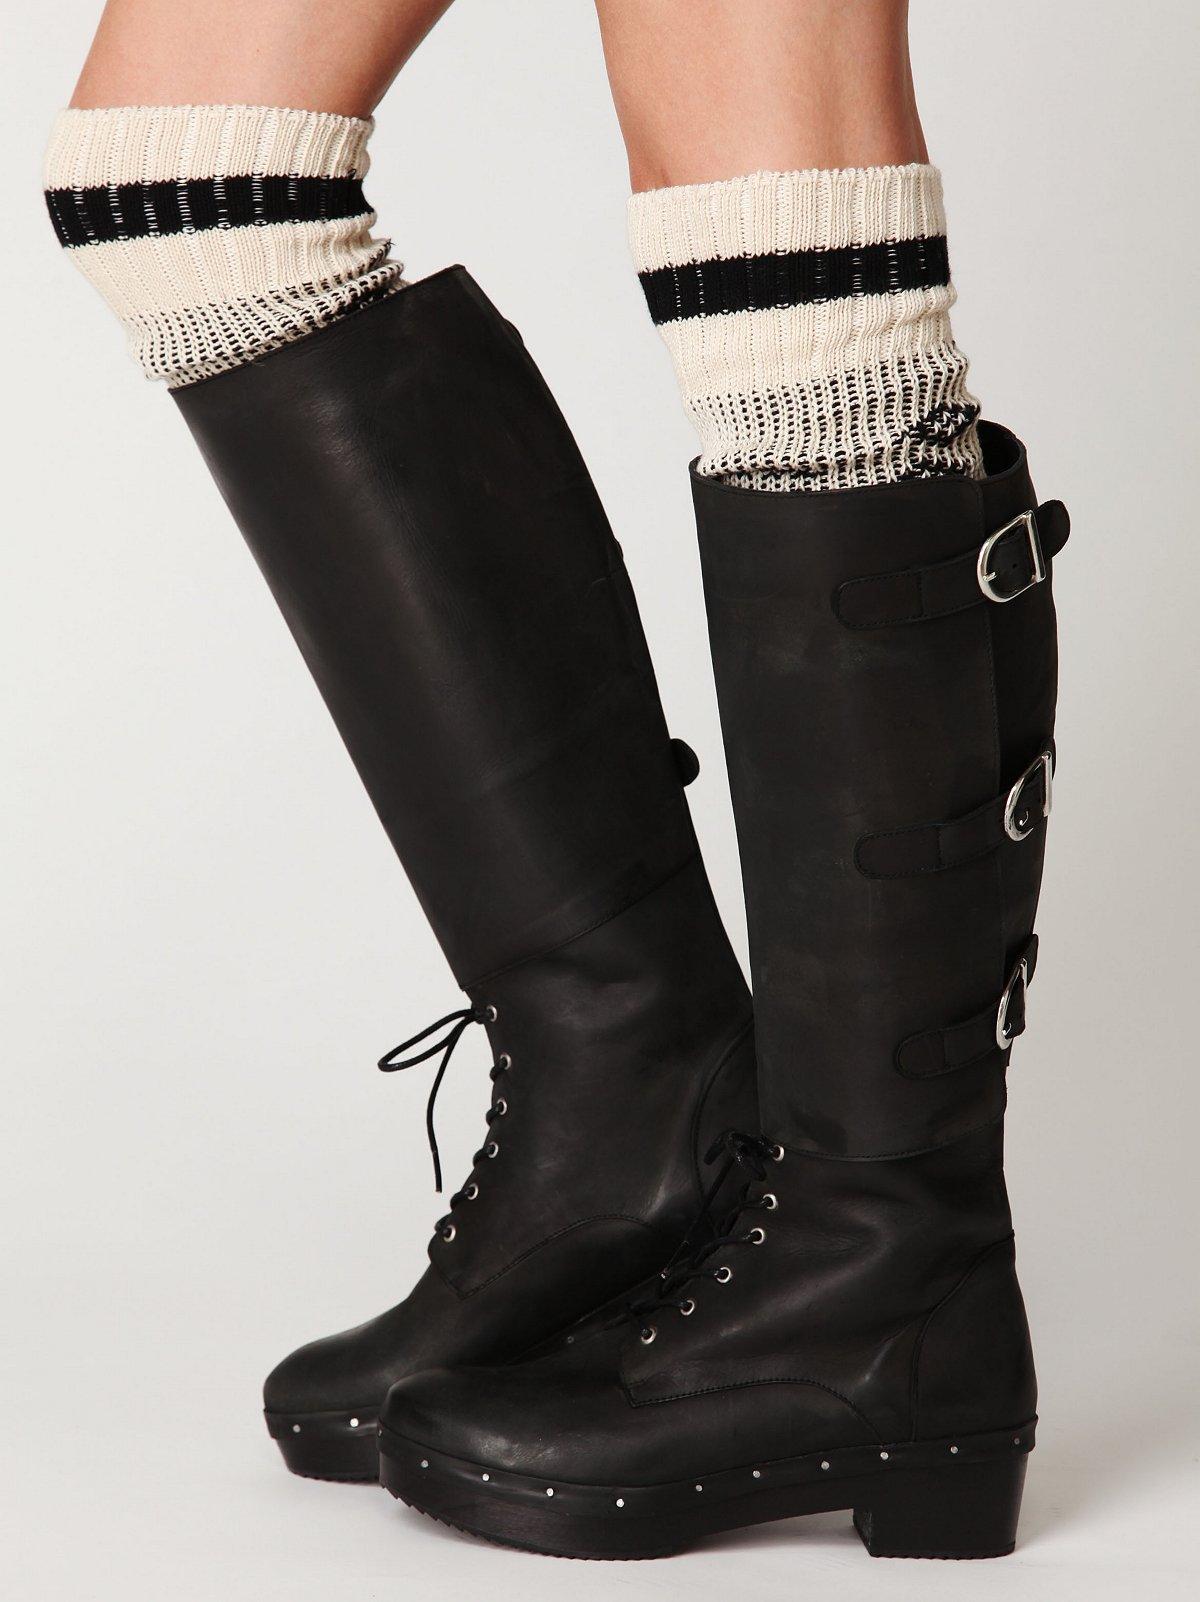 Gunnar Boot